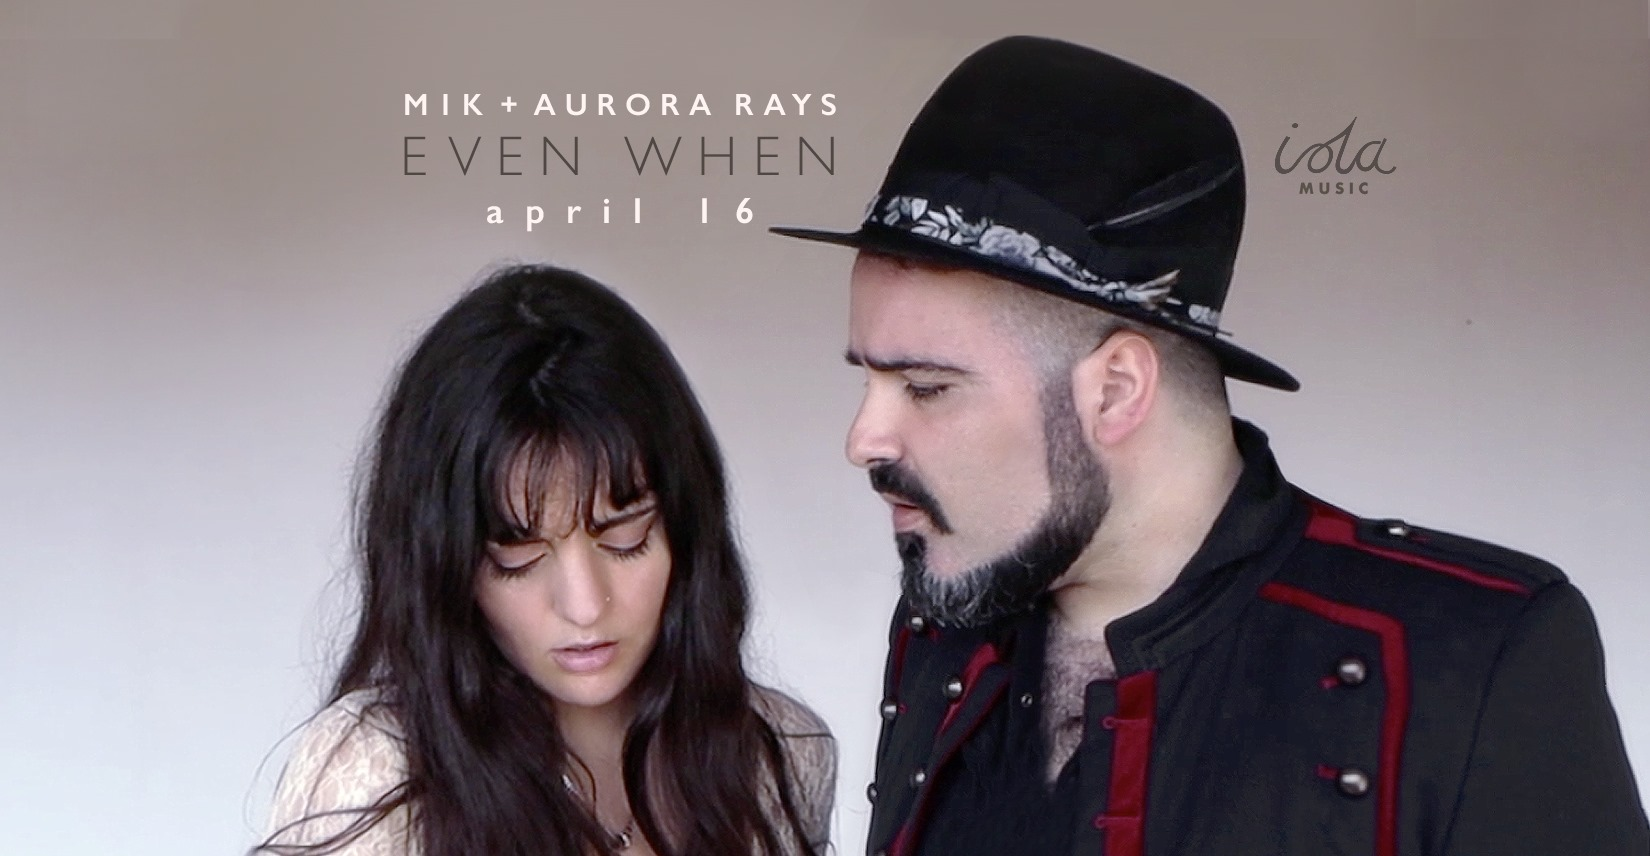 Mik + Aurora Rays: Even when